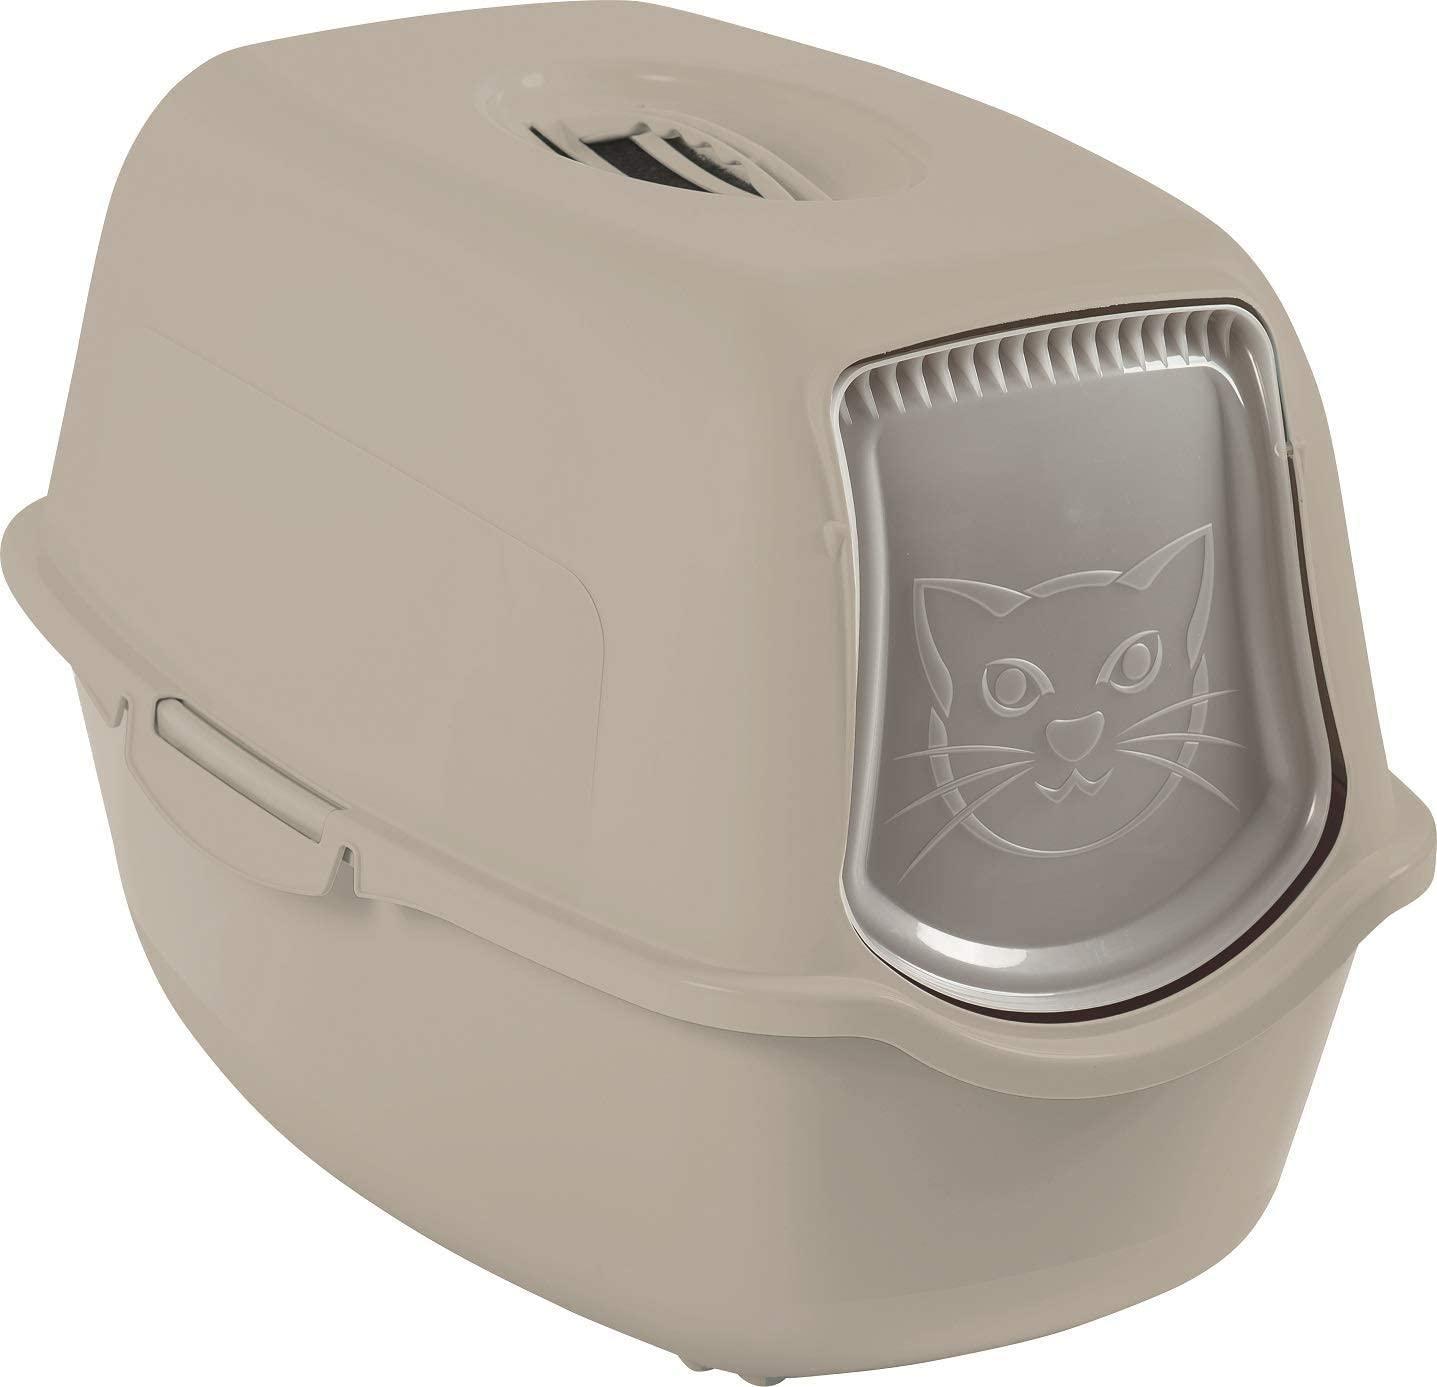 Litière pour chat Rotho Bailey - Plastique sans BPA, 56 x 40 x 39 cm